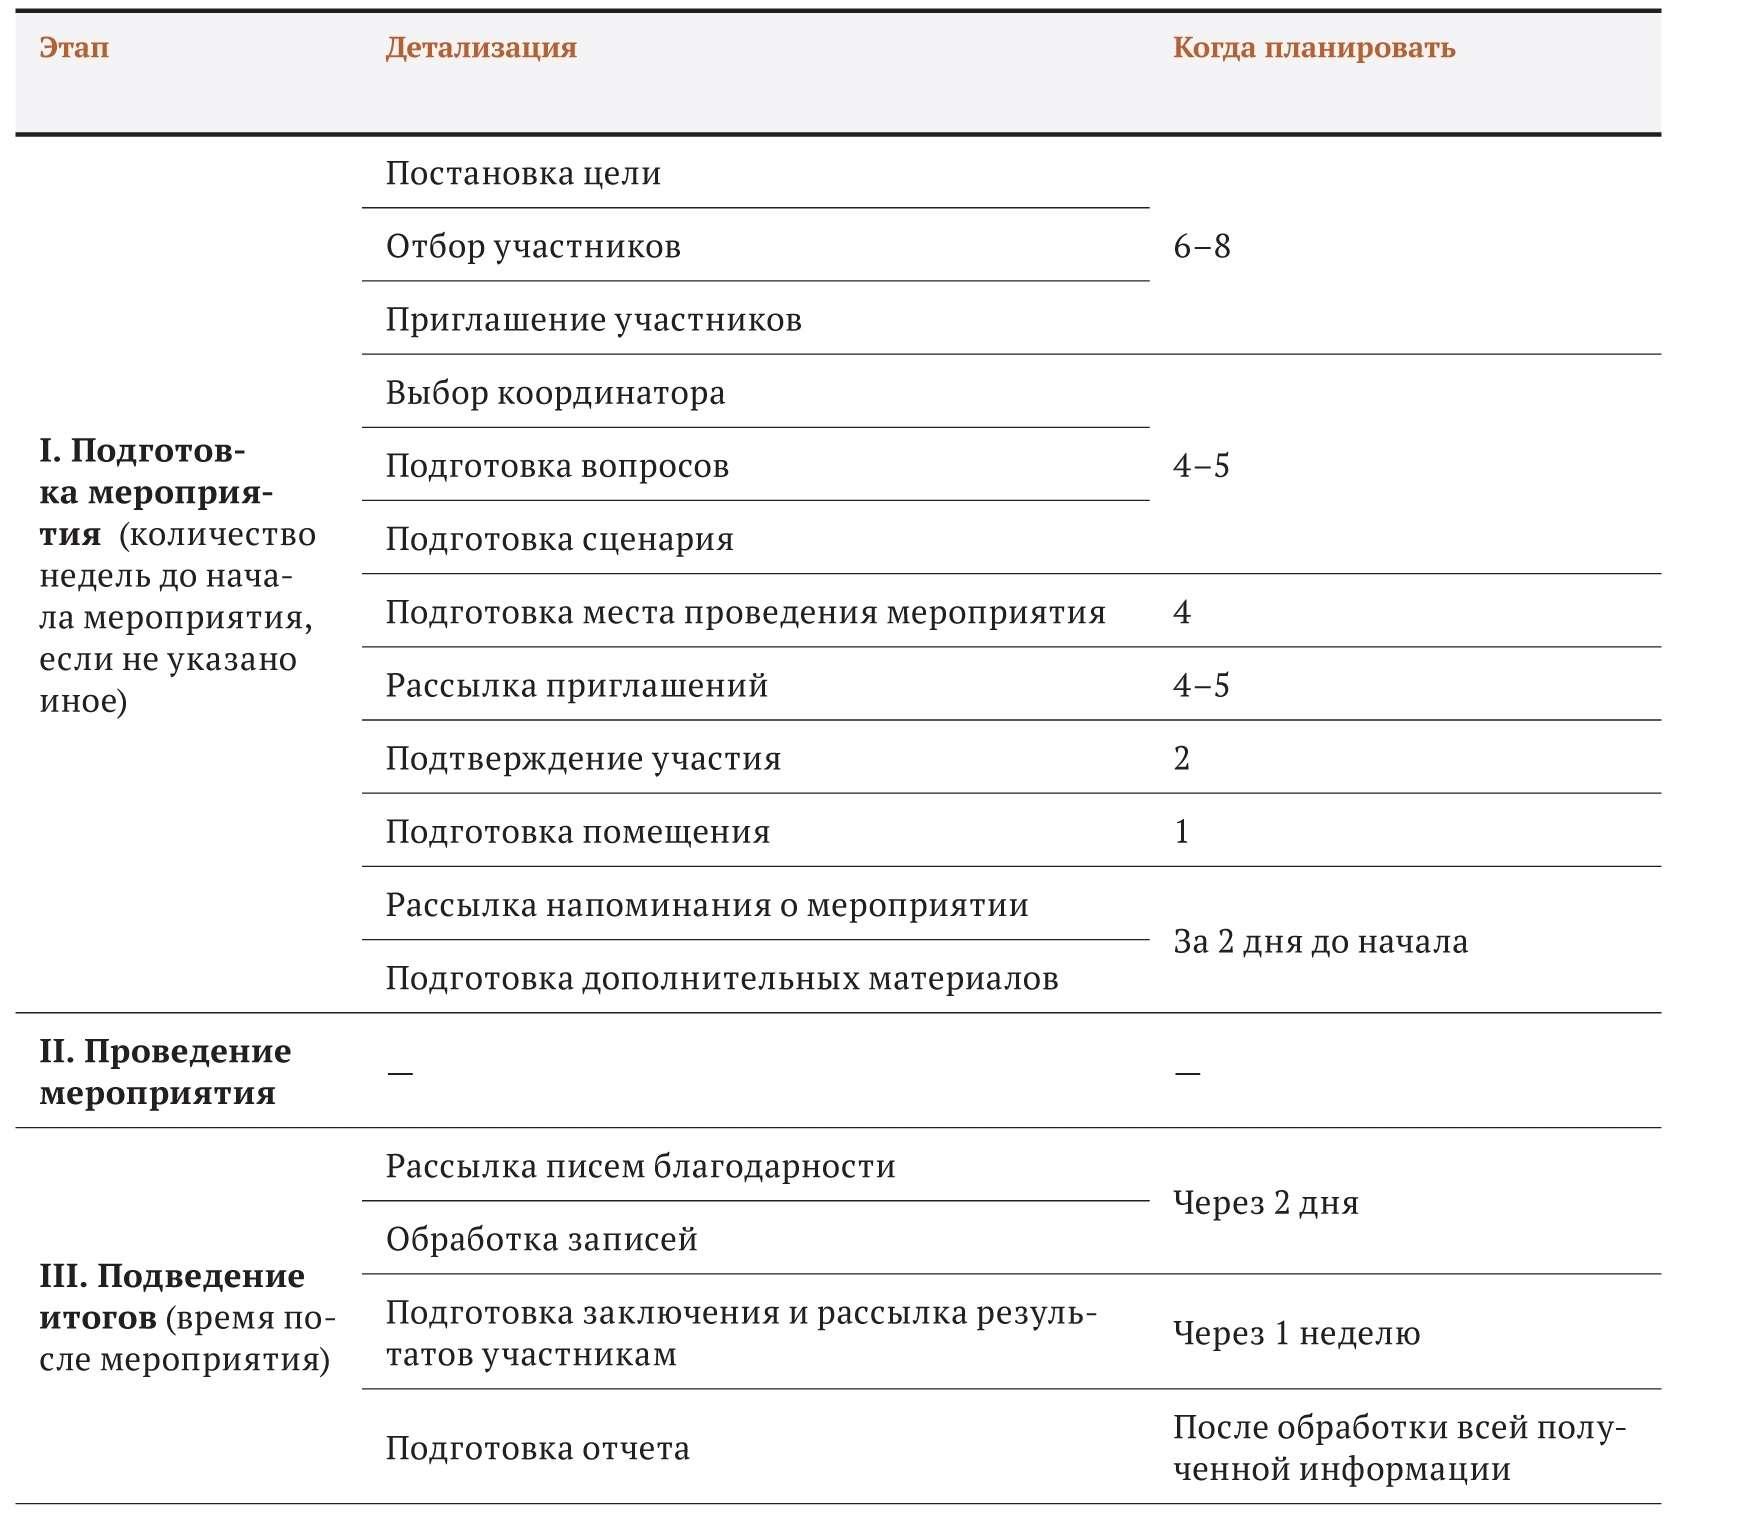 Методы исследования реклама и маркетинг в интернет фокус группа картинки контекстная реклама яндекс